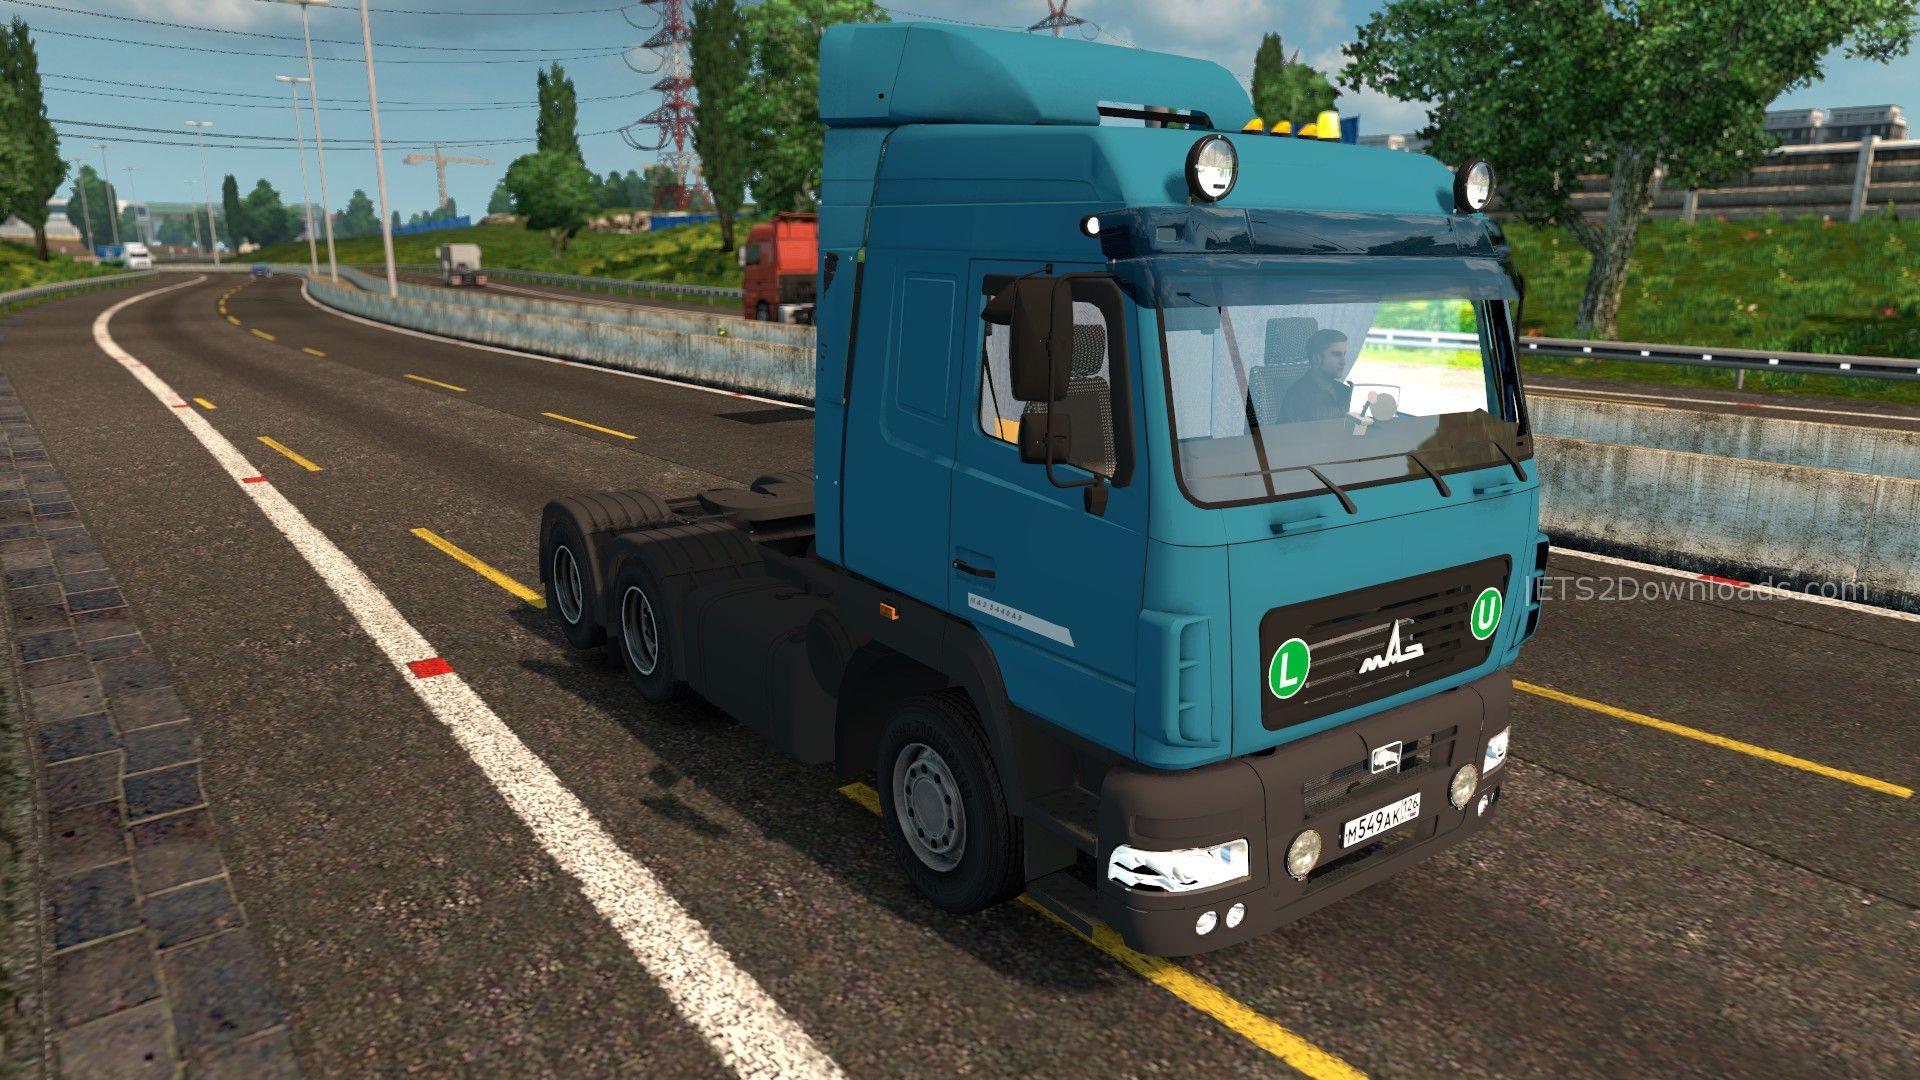 maz-5440-a9-10